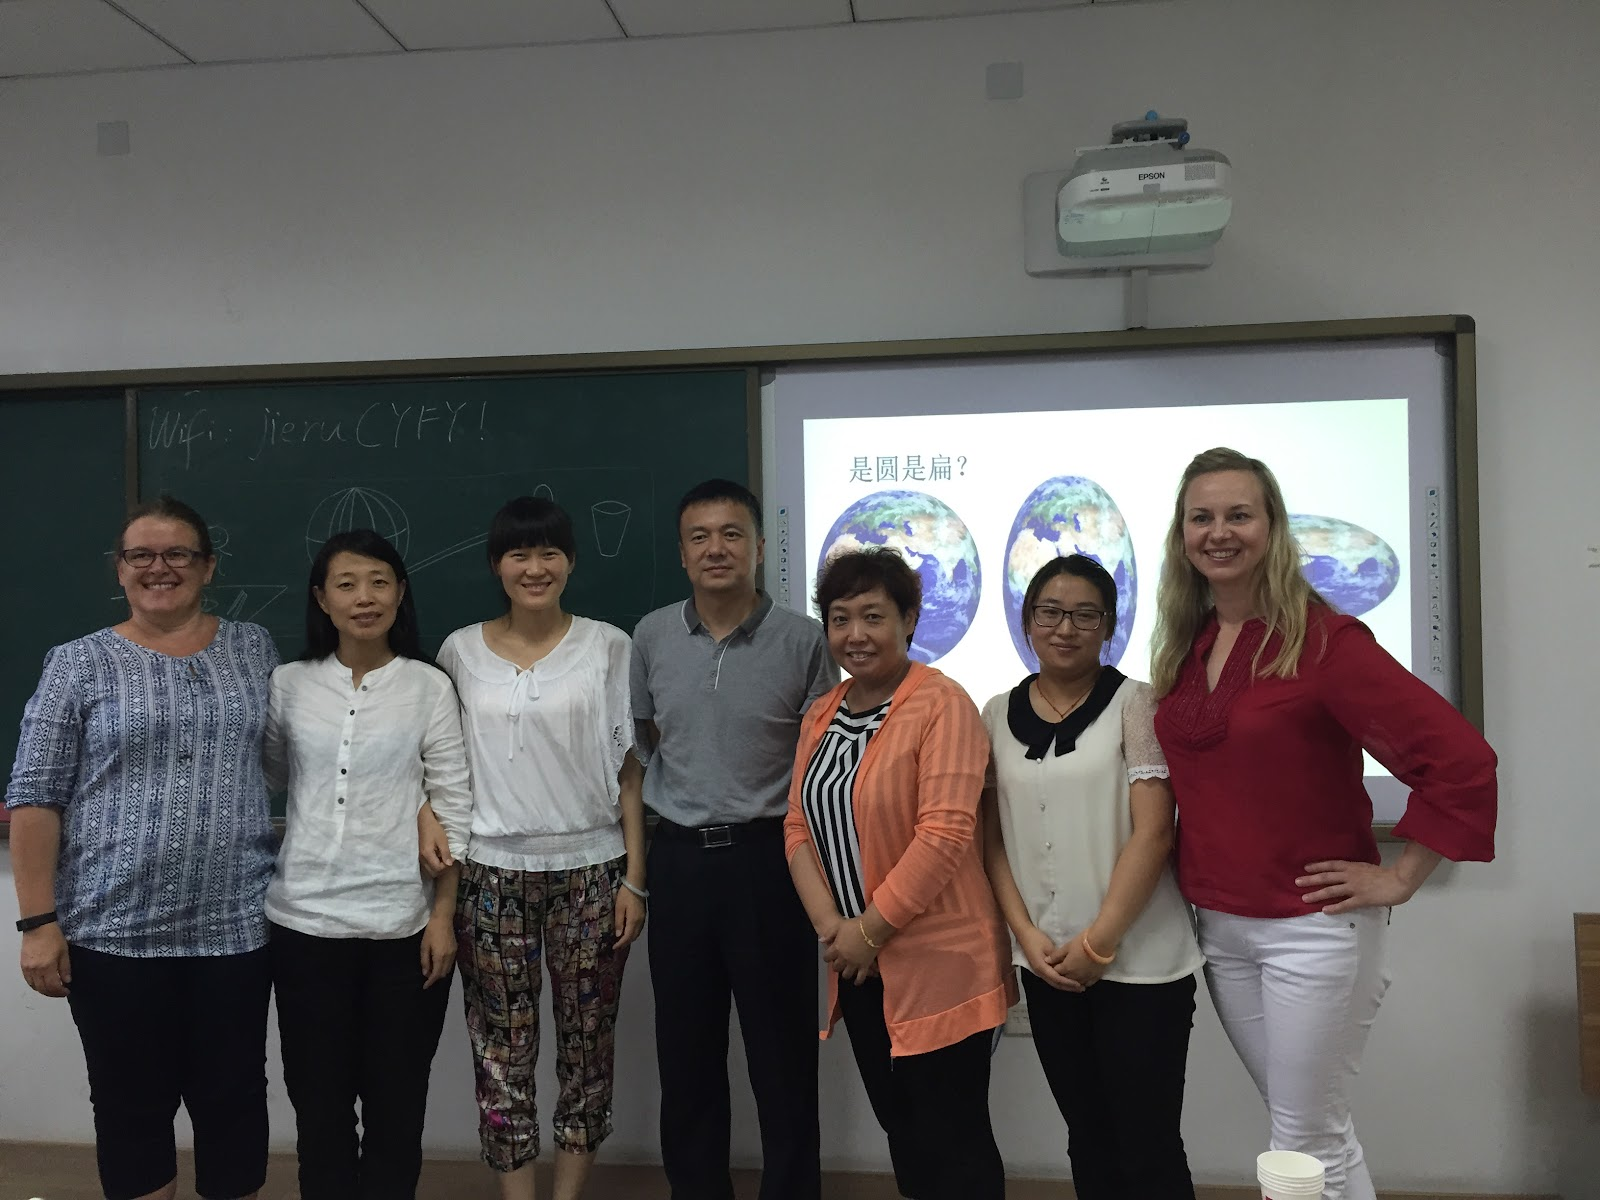 Ryhmätöiden jälkeen otettiin yhteispotretteja. Kiinalaisopettajat työstivät hienoja monialaisia oppimiskokonaisuuksia ilmiöpohjaisen oppimisen hengessä.